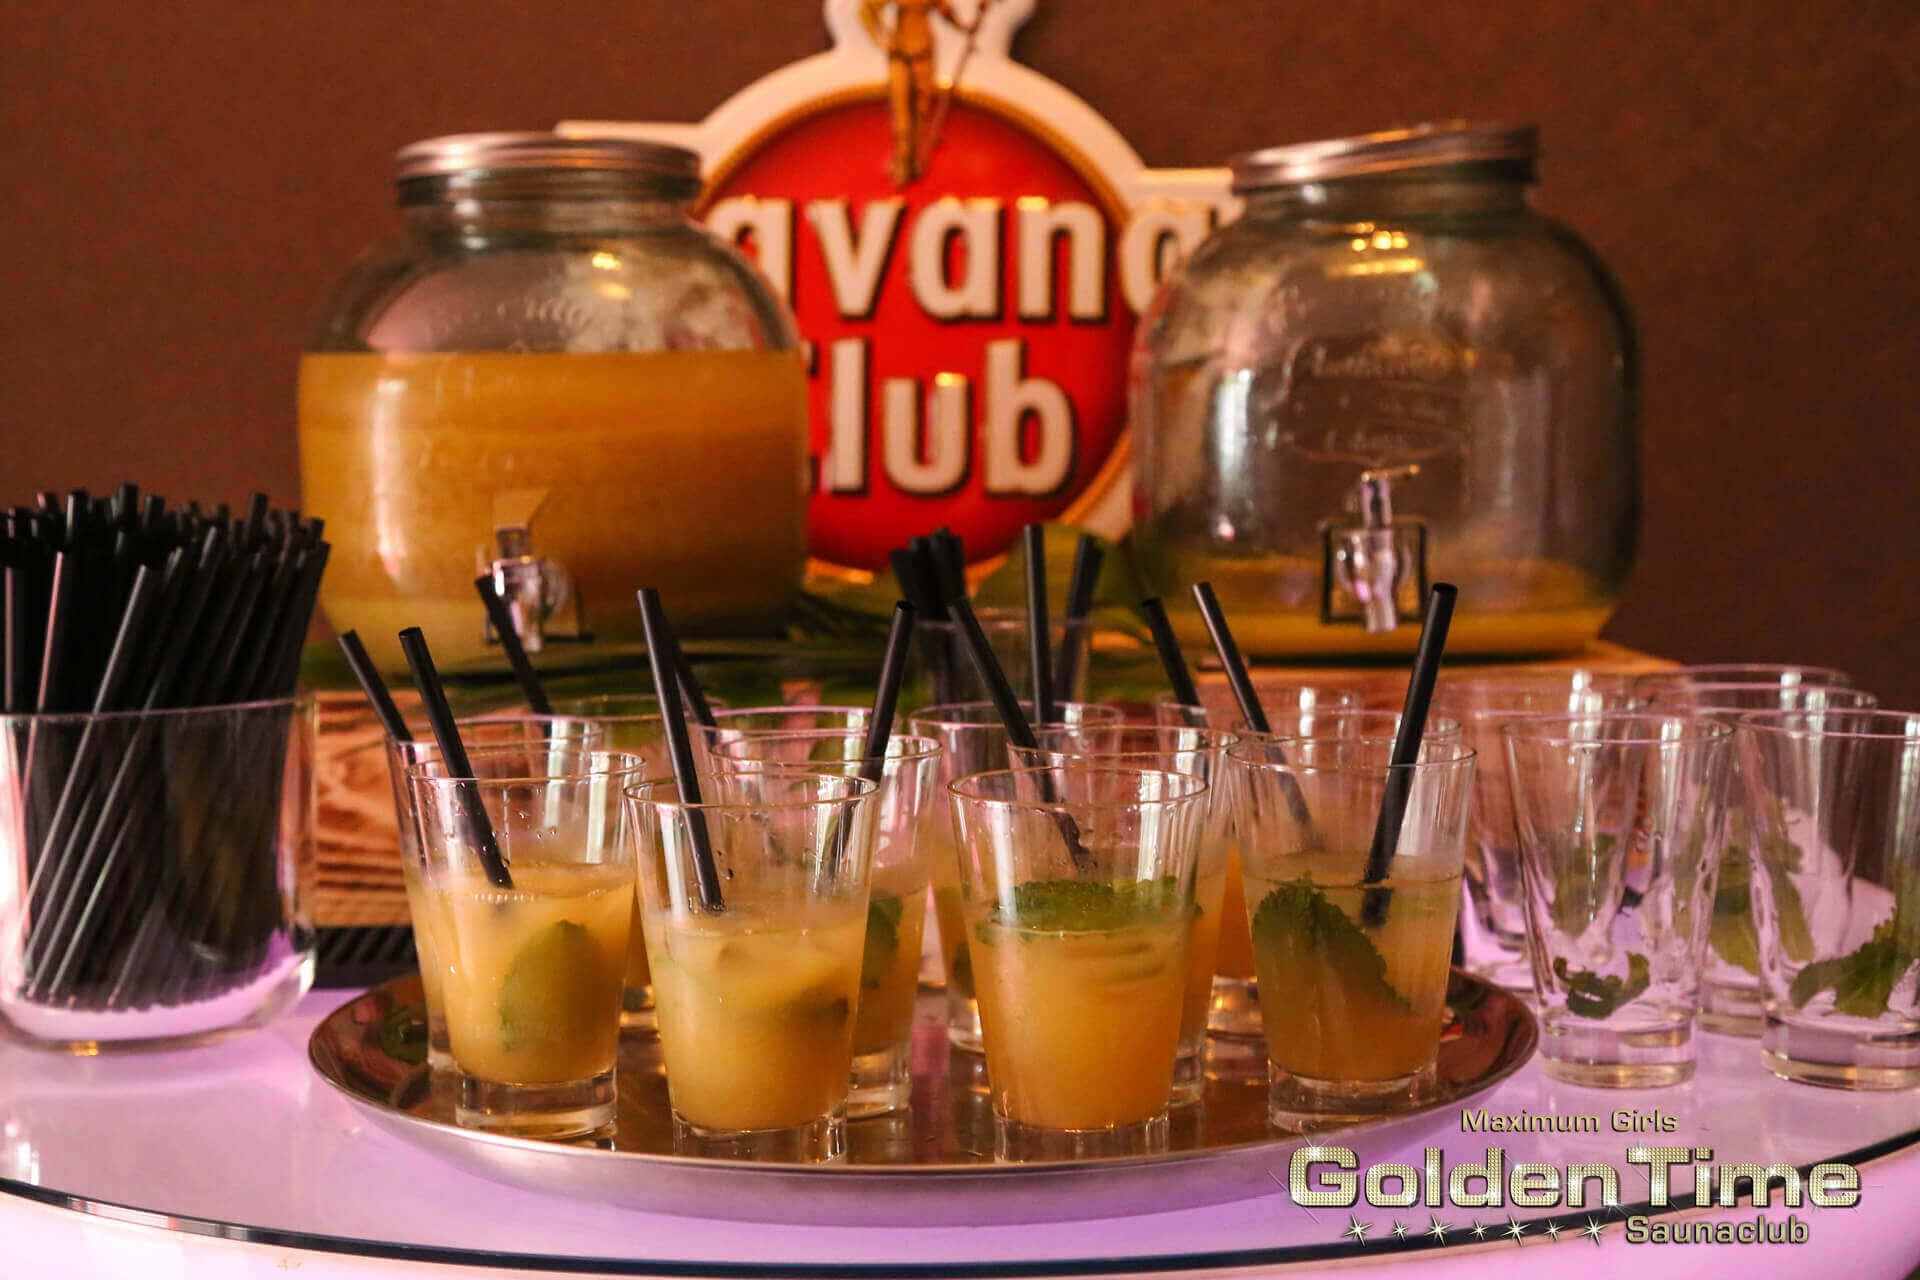 havanna-summer-goldentime-fkk-saunaclub-(22-von-209)web.jpg